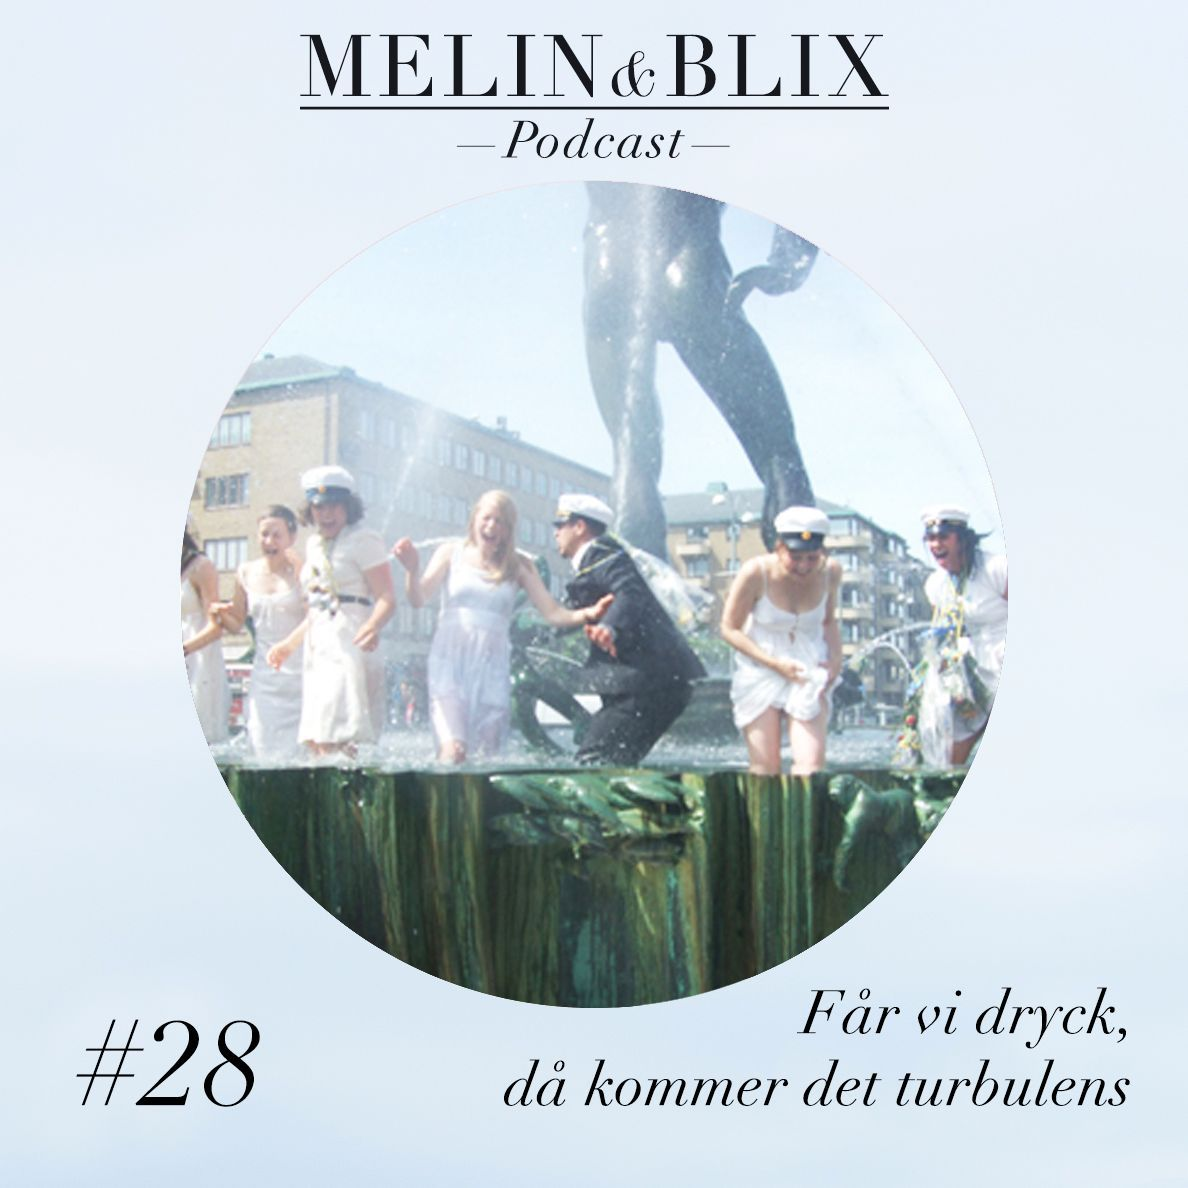 #28 Får vi dryck, då kommer det turbulens